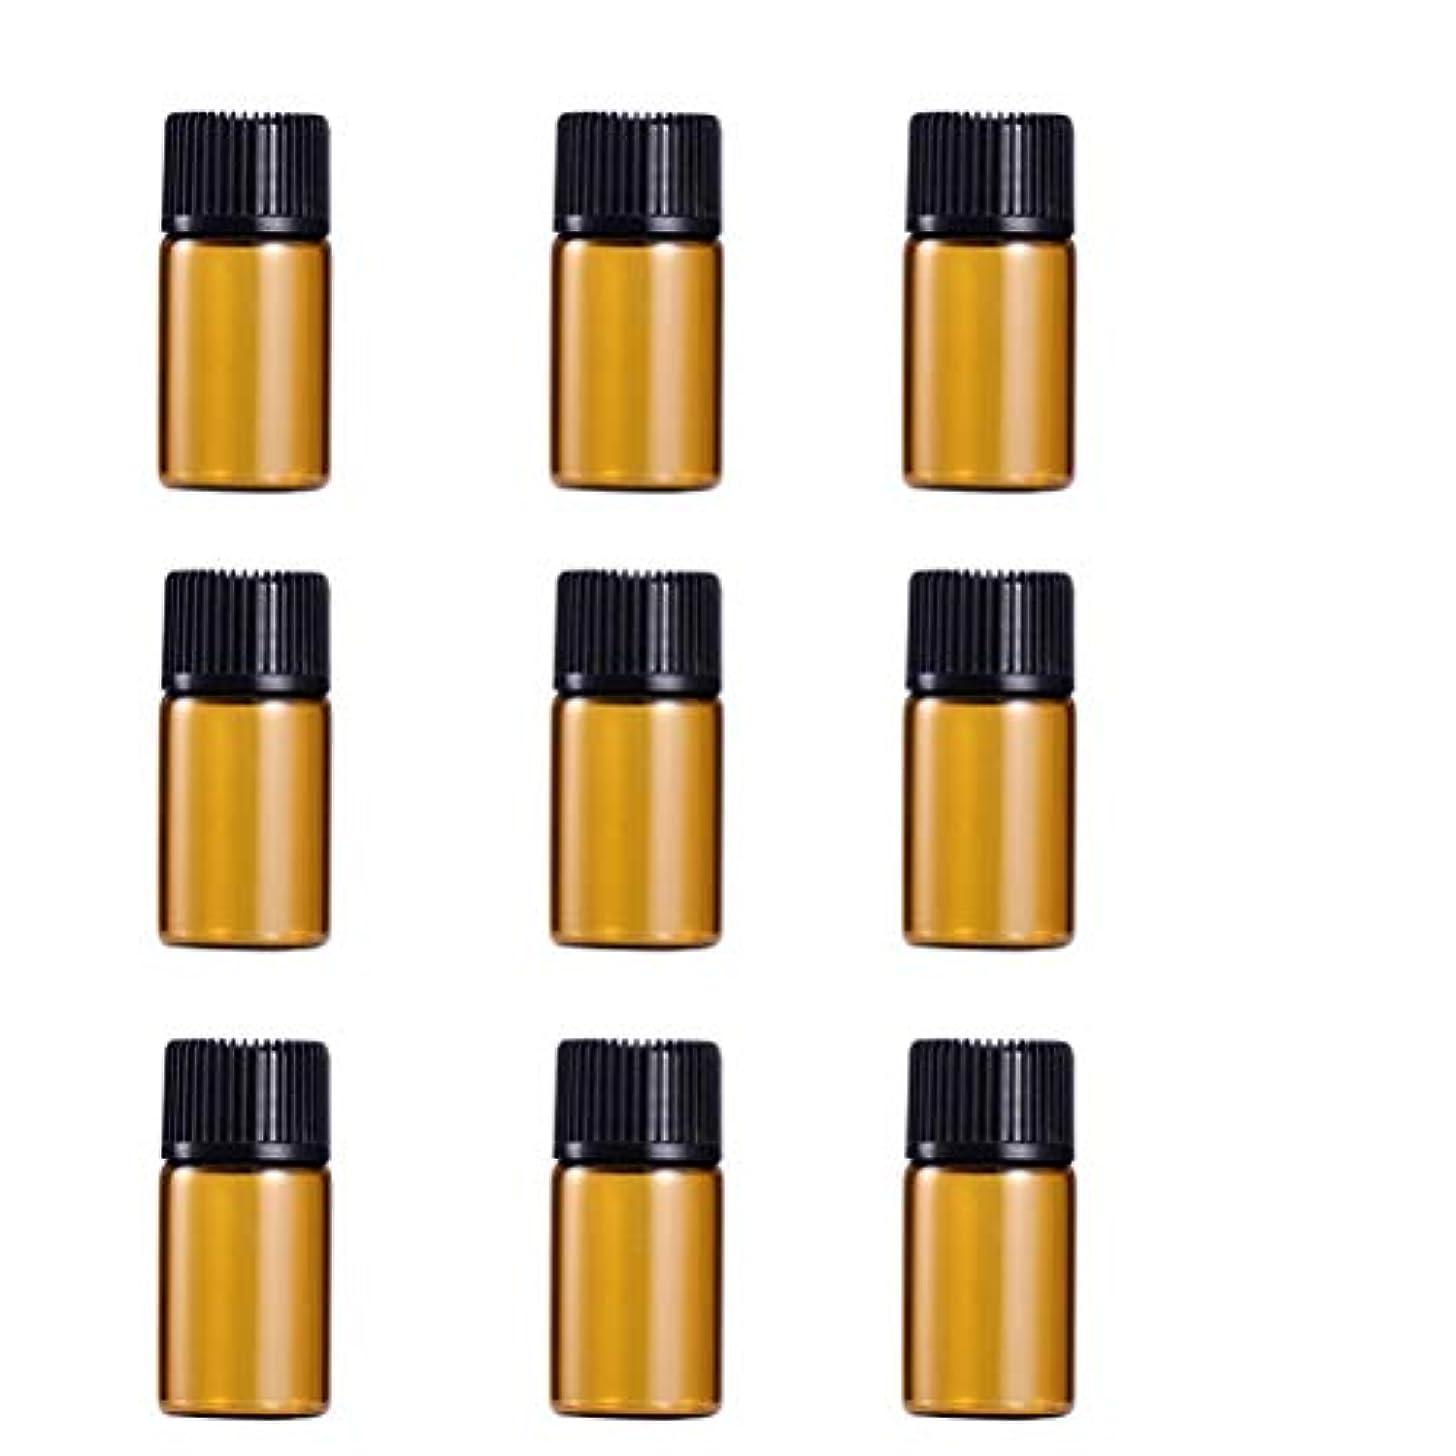 栄養代理店占めるWINOMO 遮光瓶 アロマオイル 精油 小分け用 遮光瓶セット アロマボトル 保存容器 エッセンシャルオイル 香水 保存用 詰替え ガラス 茶色(9個入り 3ml)